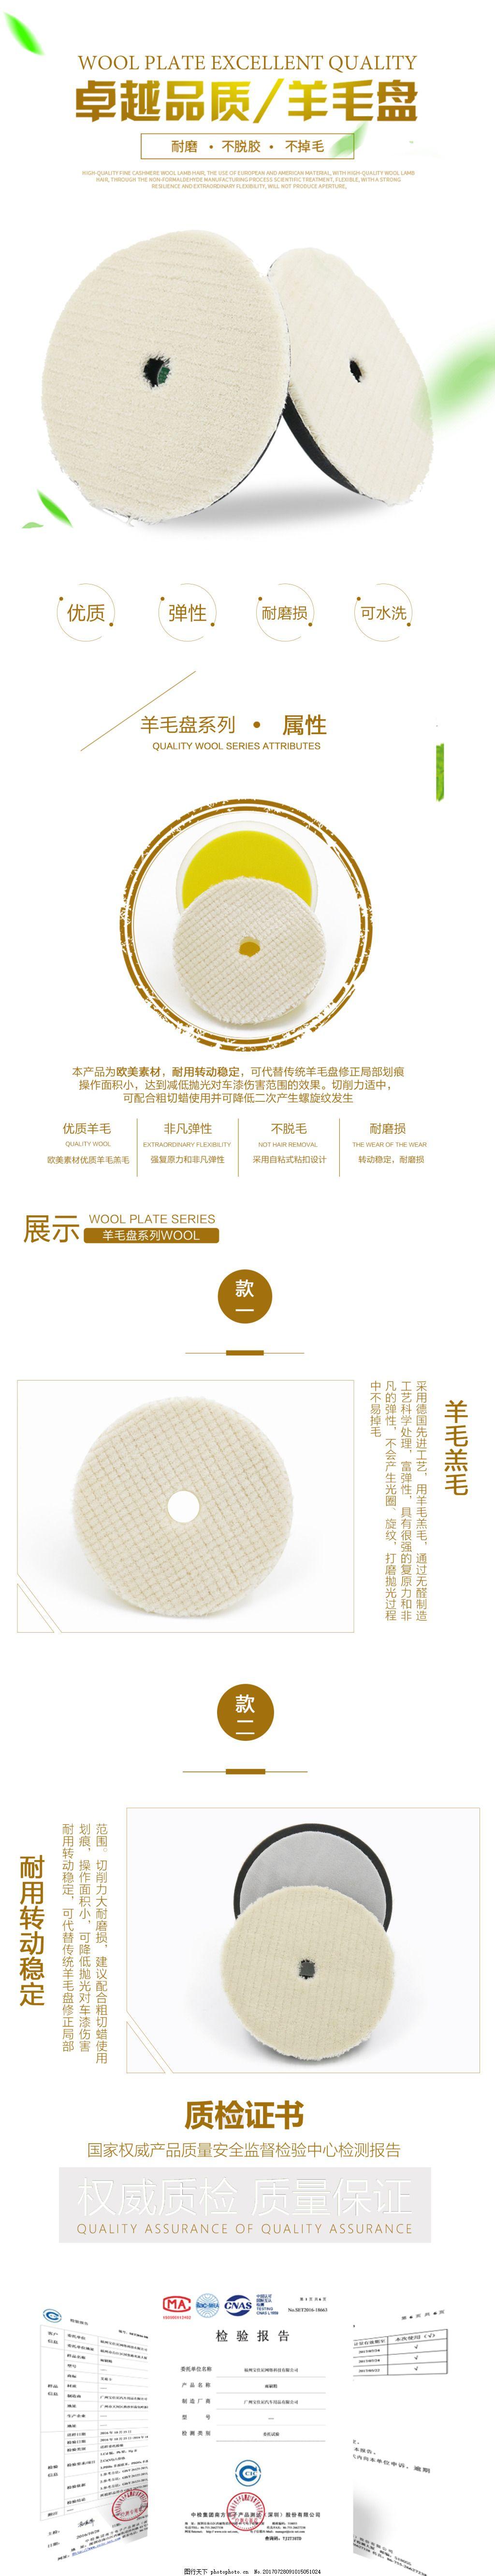 天猫淘宝电商京东日用家居羊毛盘详情页模板